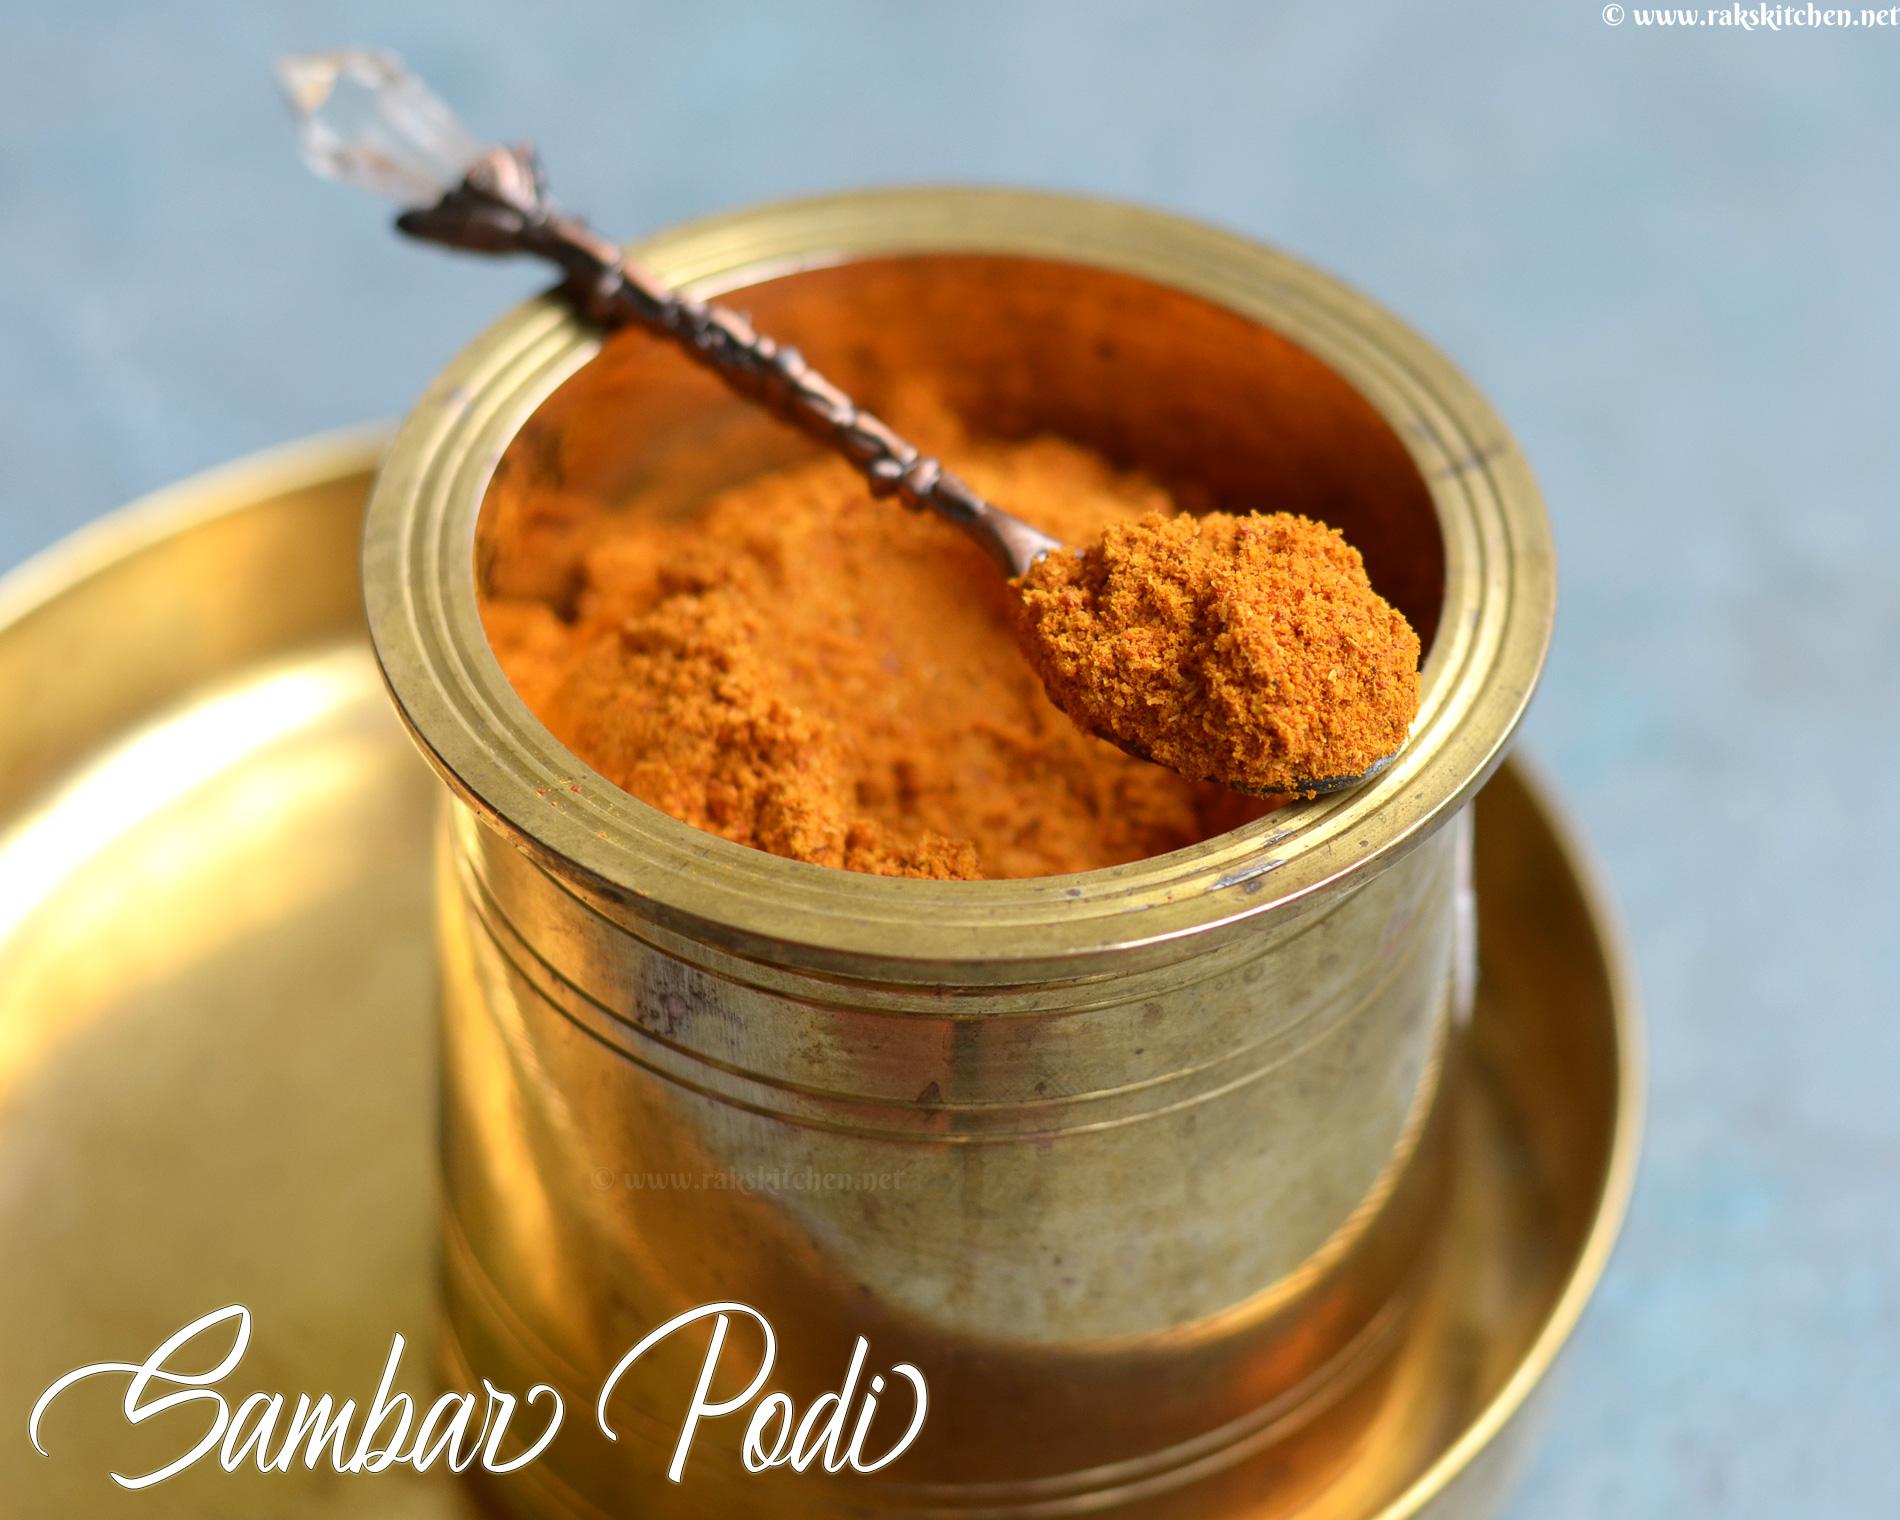 Sambar podi recipe, Homemade sambar powder